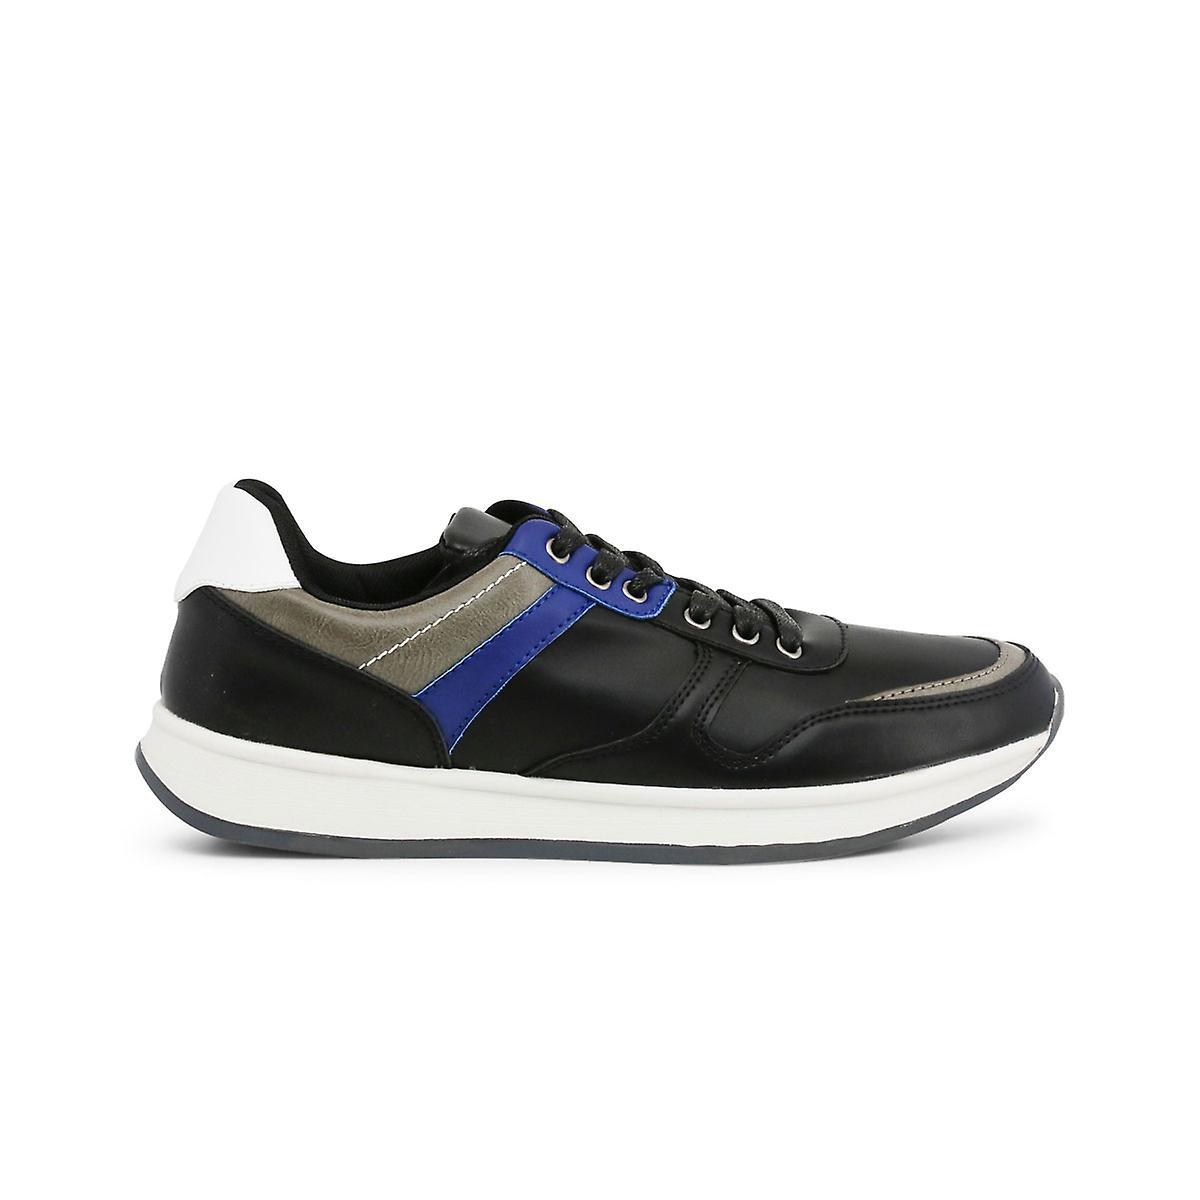 Duca di Morrone Original Men All Year Sneakers - Couleur Noire 29850